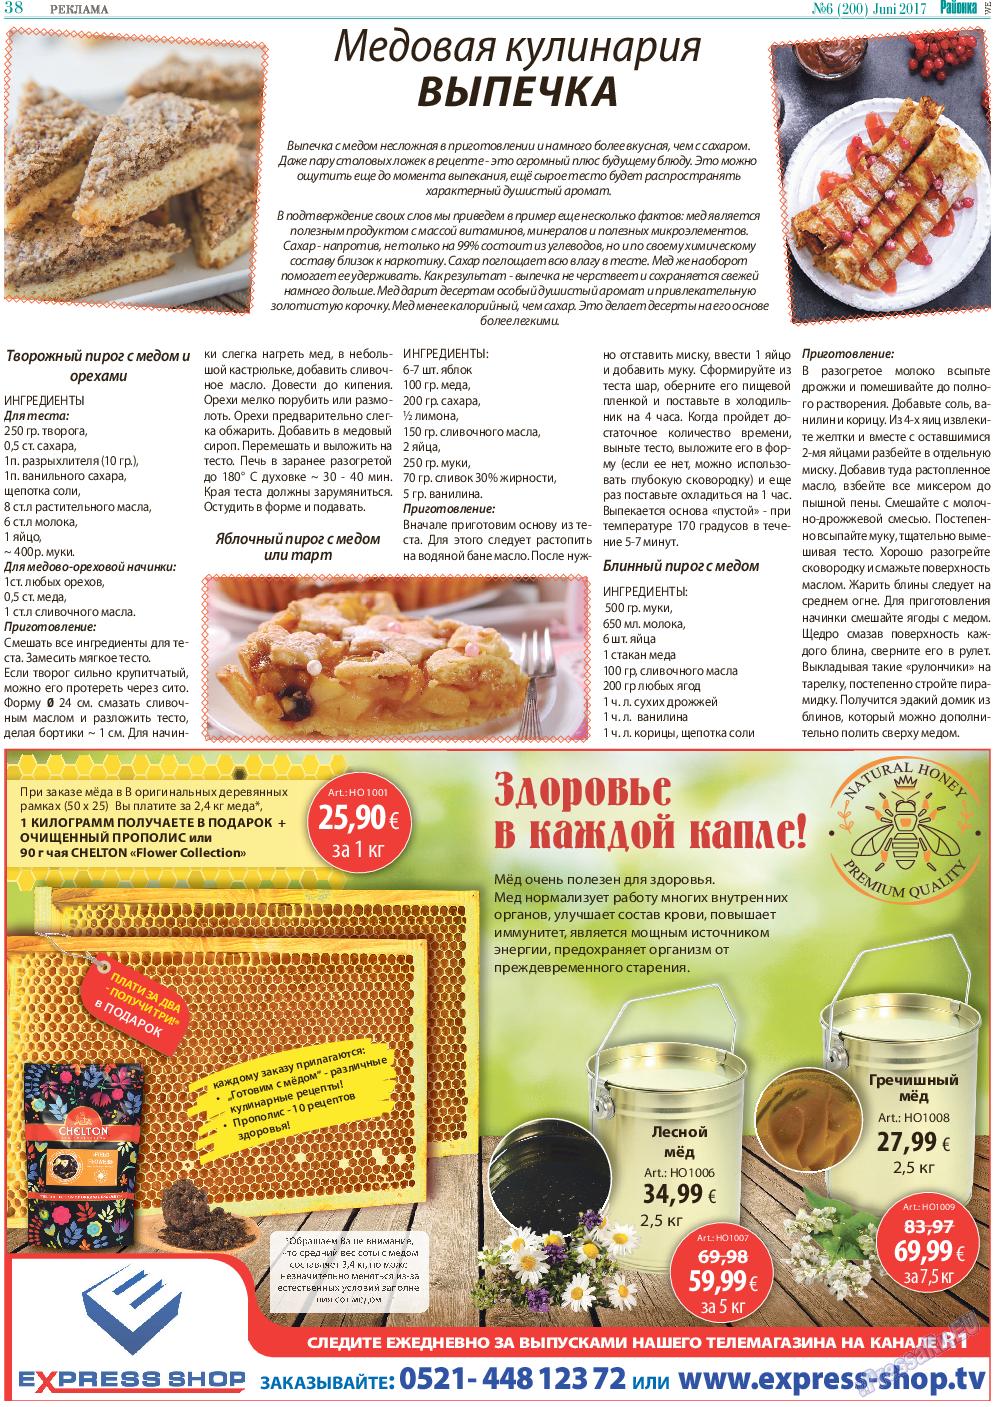 Районка-West (газета). 2017 год, номер 6, стр. 38